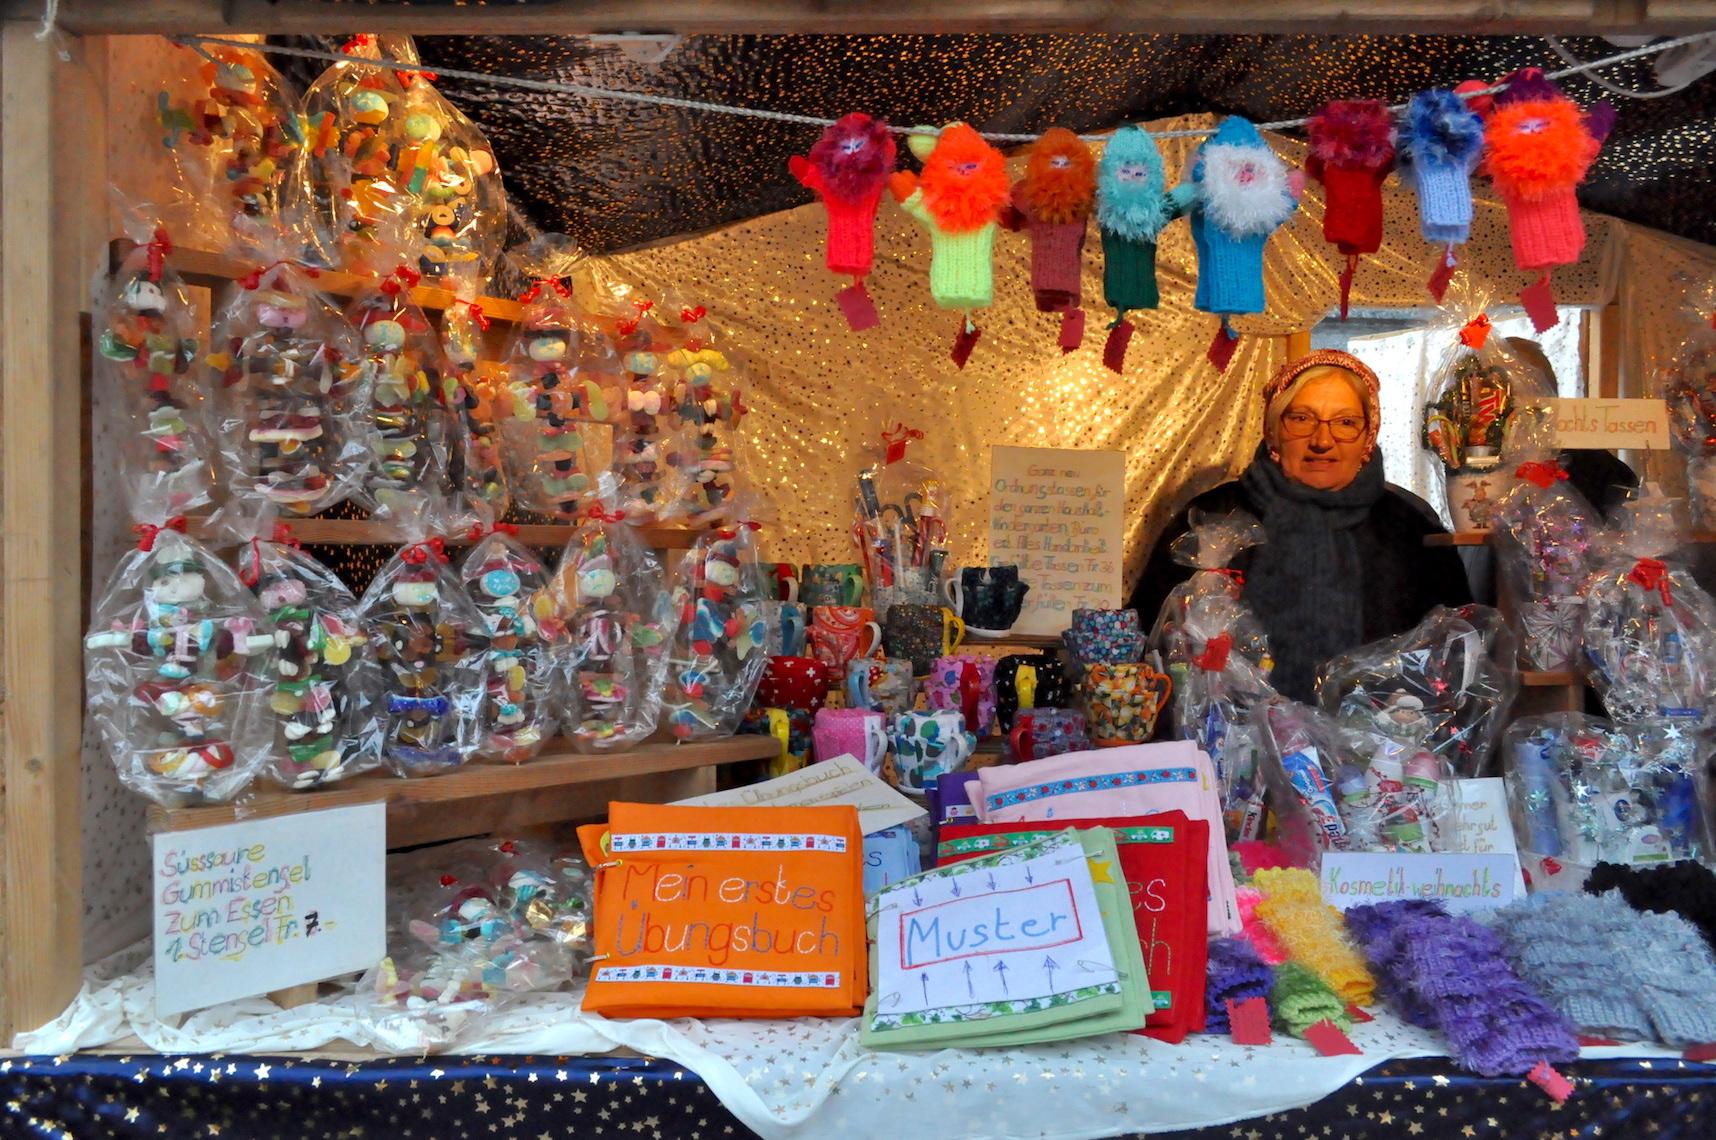 Süss-saures Schleckzeug für Kinder sind der Renner – daneben verkauft Heidi Weiss alles Mögliche.